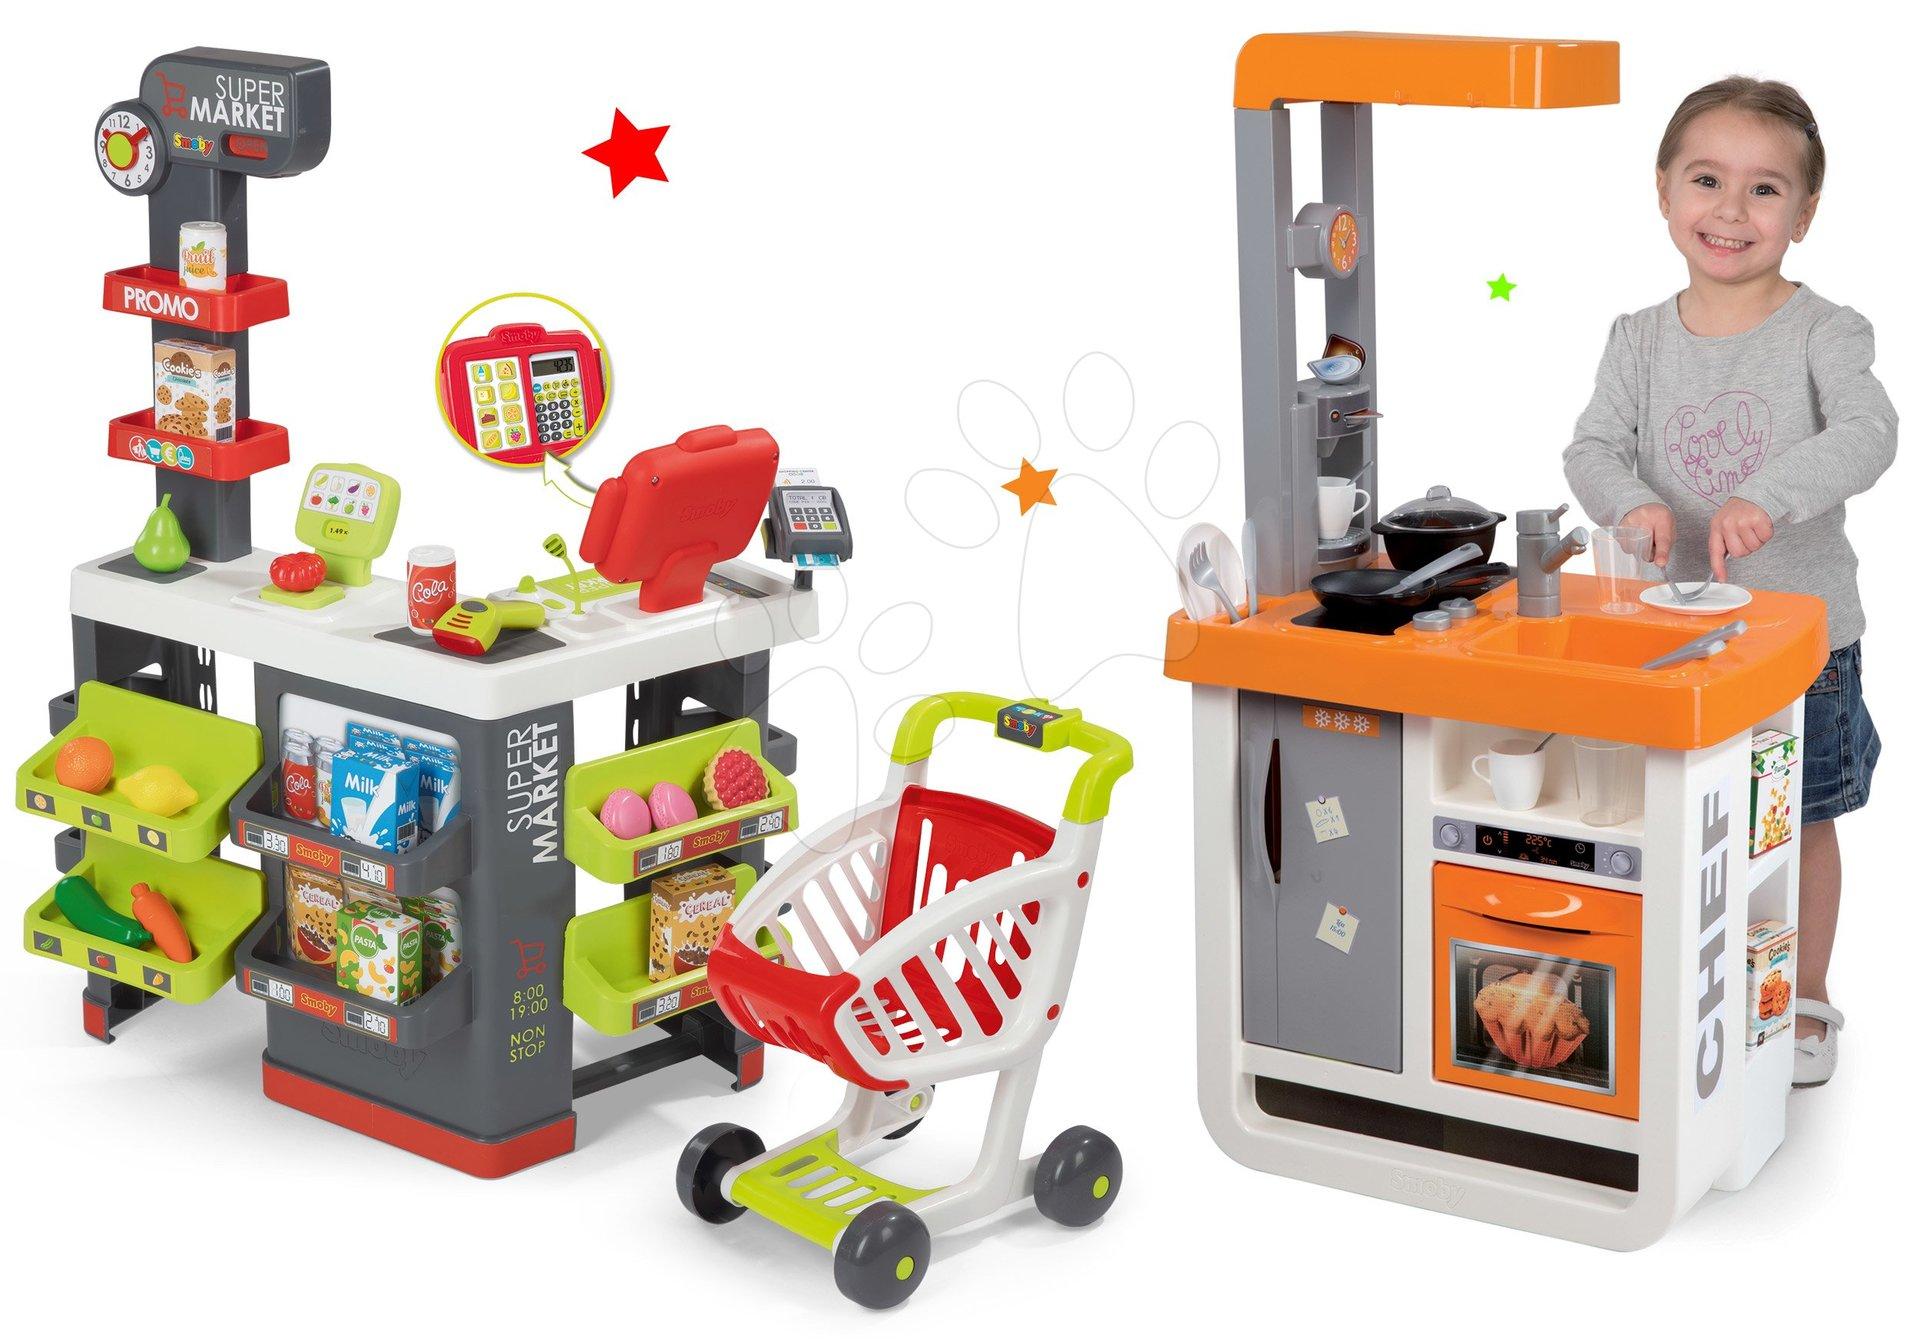 Smoby dětská kuchyňka Bon Appétit Chef a obchod Supermarket 310803-3